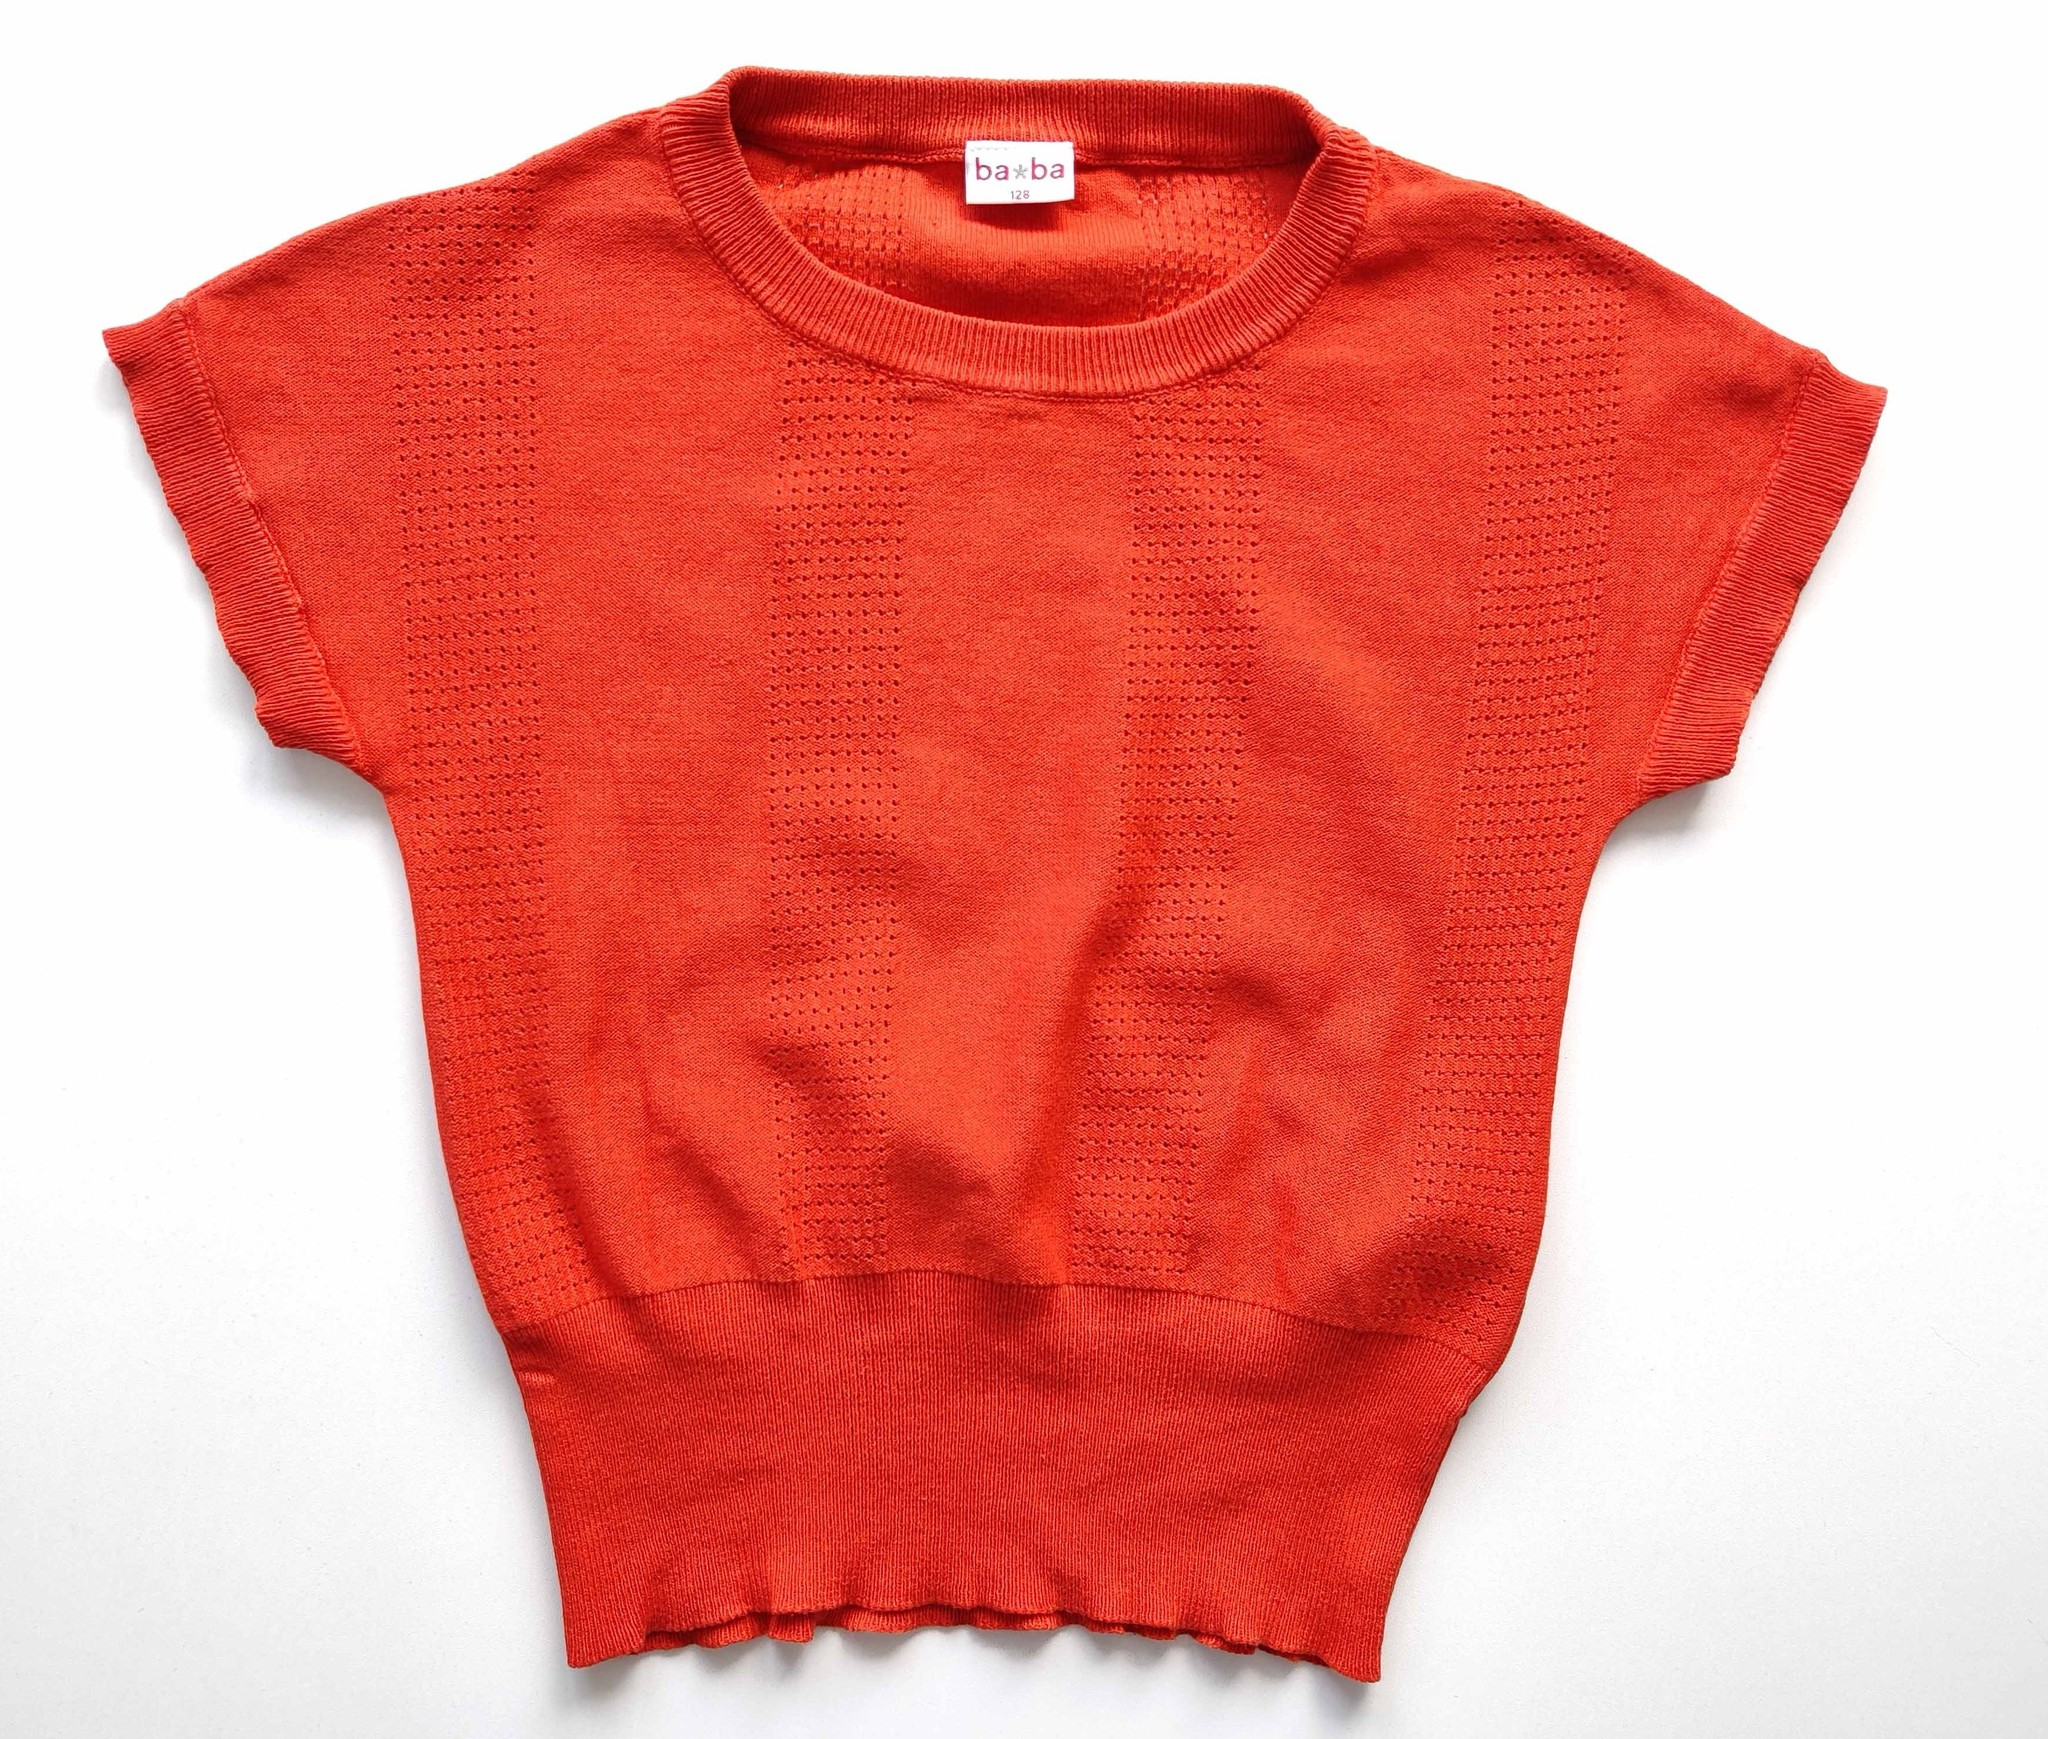 T-shirt Ba*Ba, maat 128-1